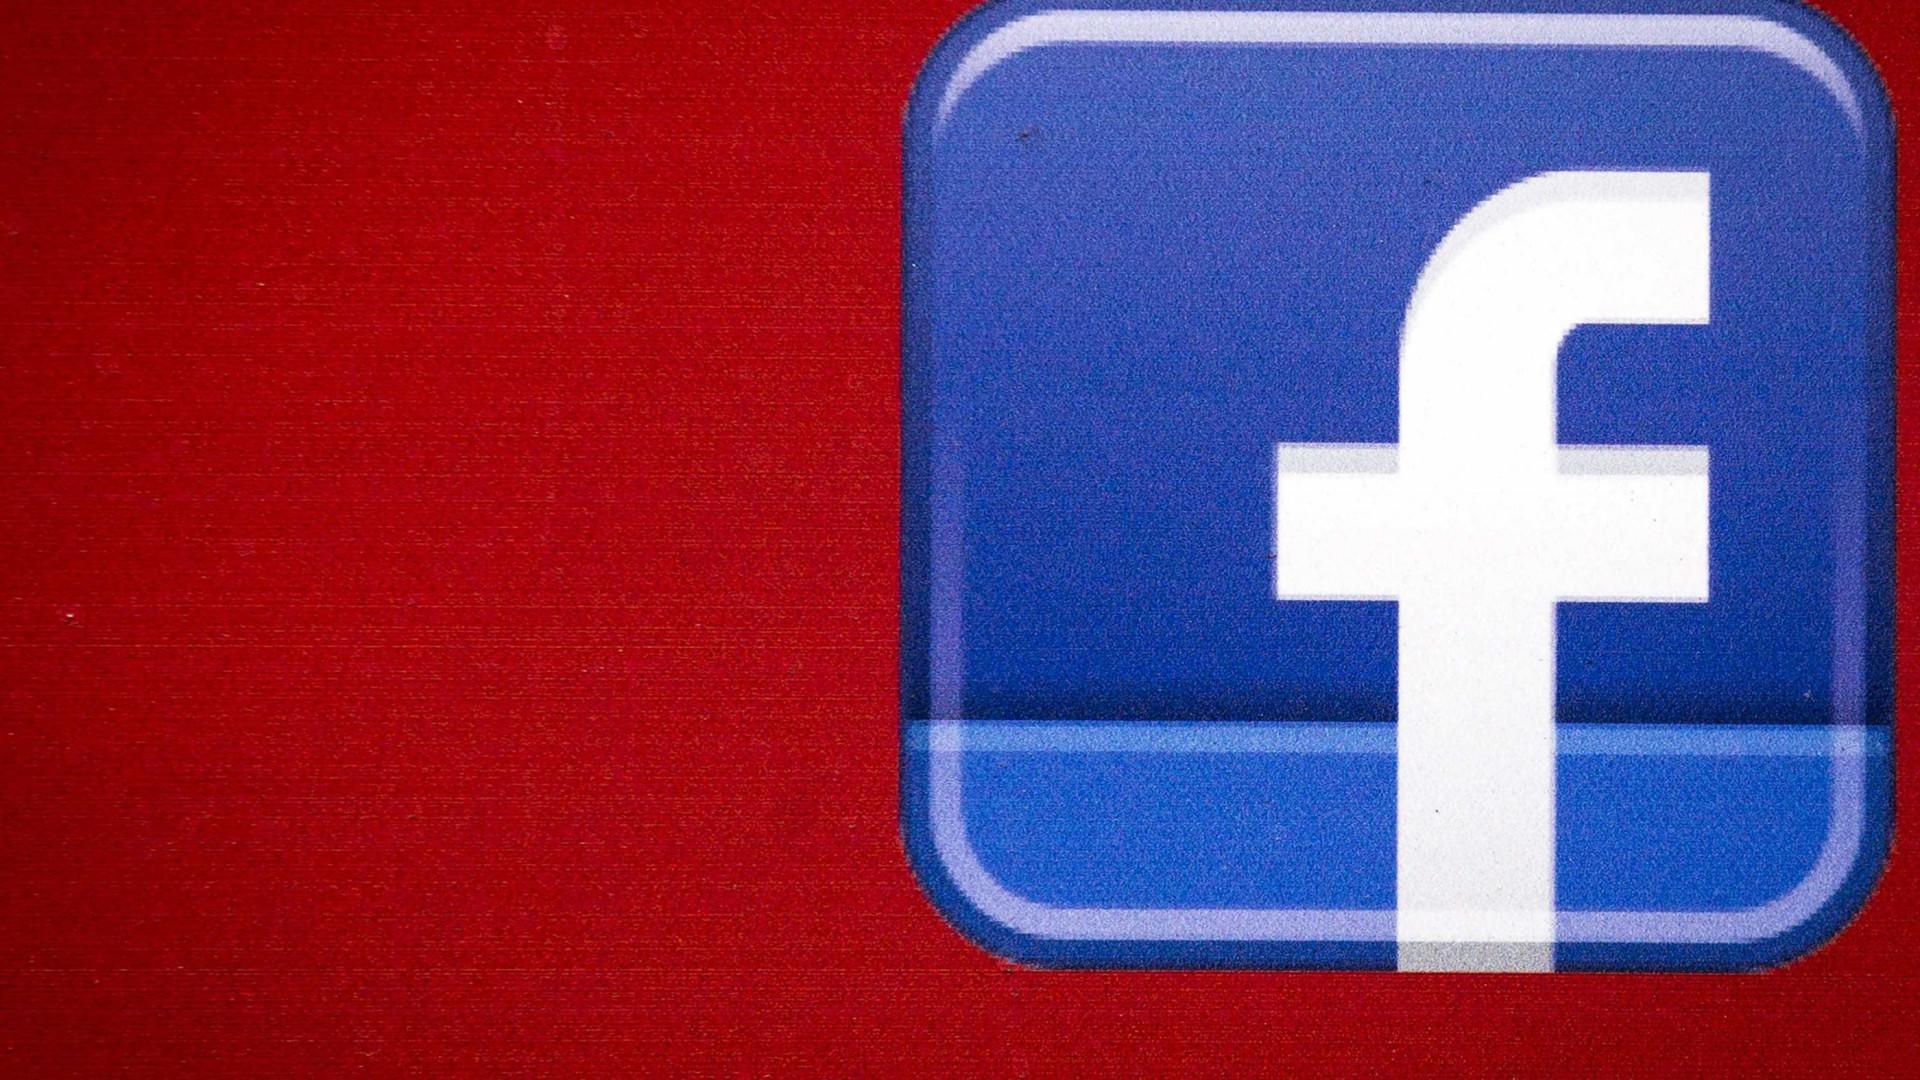 O Facebook desistiu de drones. Prefere apostar em satélites